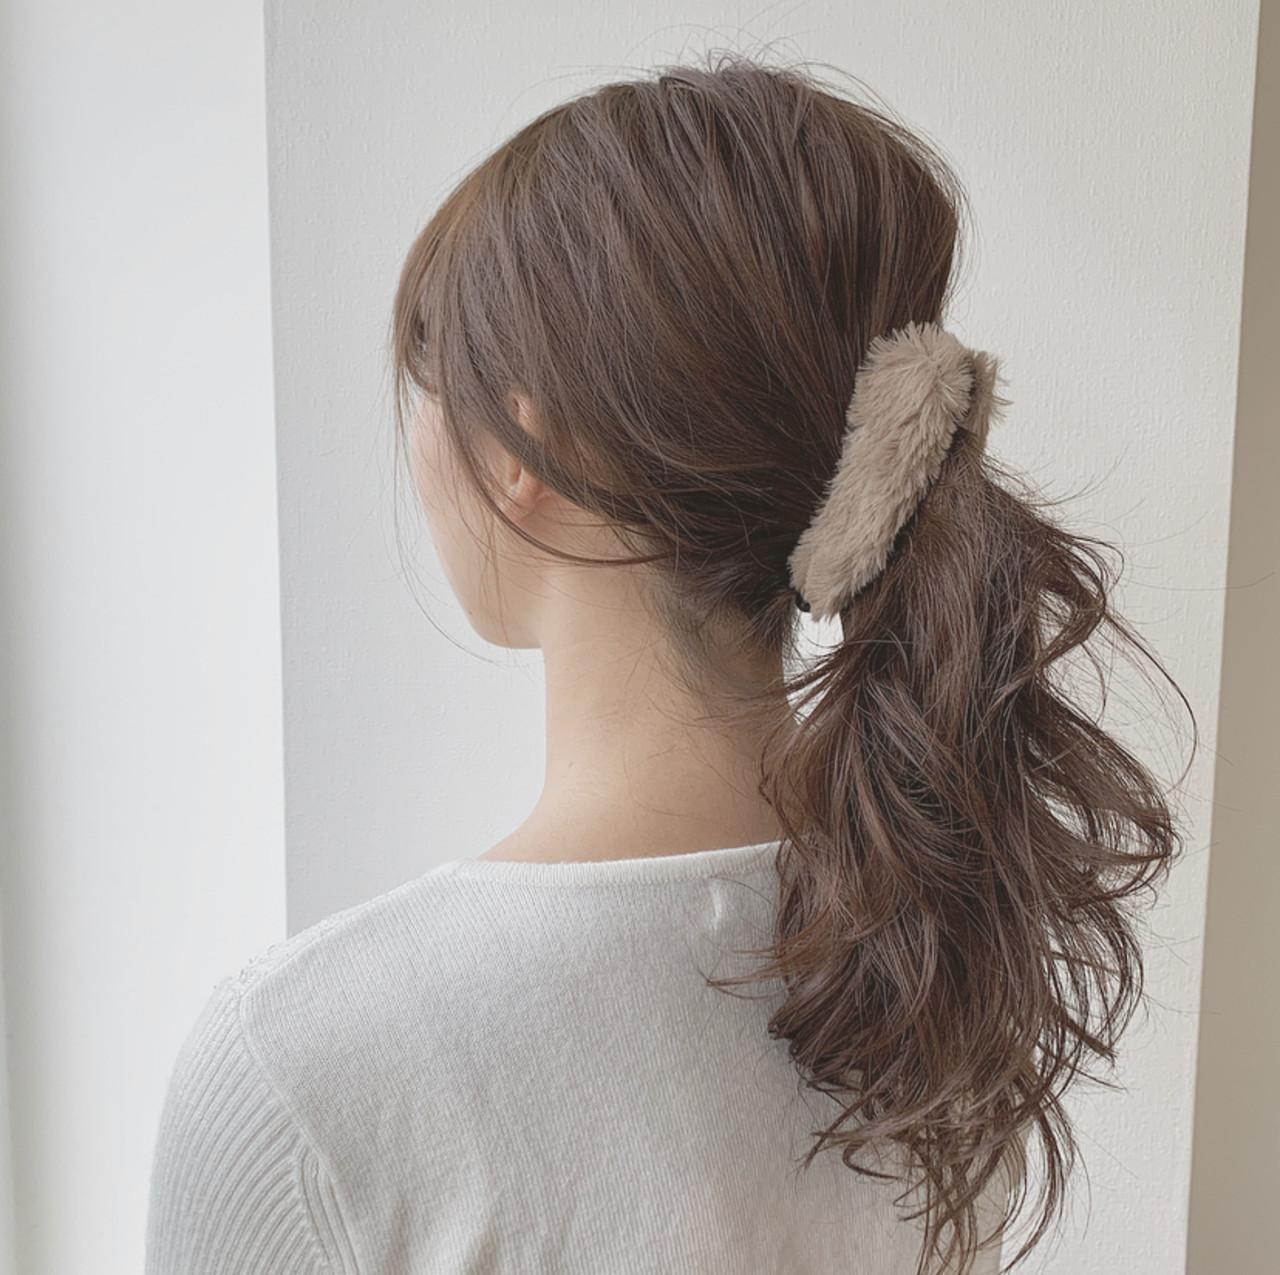 フェミニン 簡単ヘアアレンジ セミロング モテ髪 ヘアスタイルや髪型の写真・画像